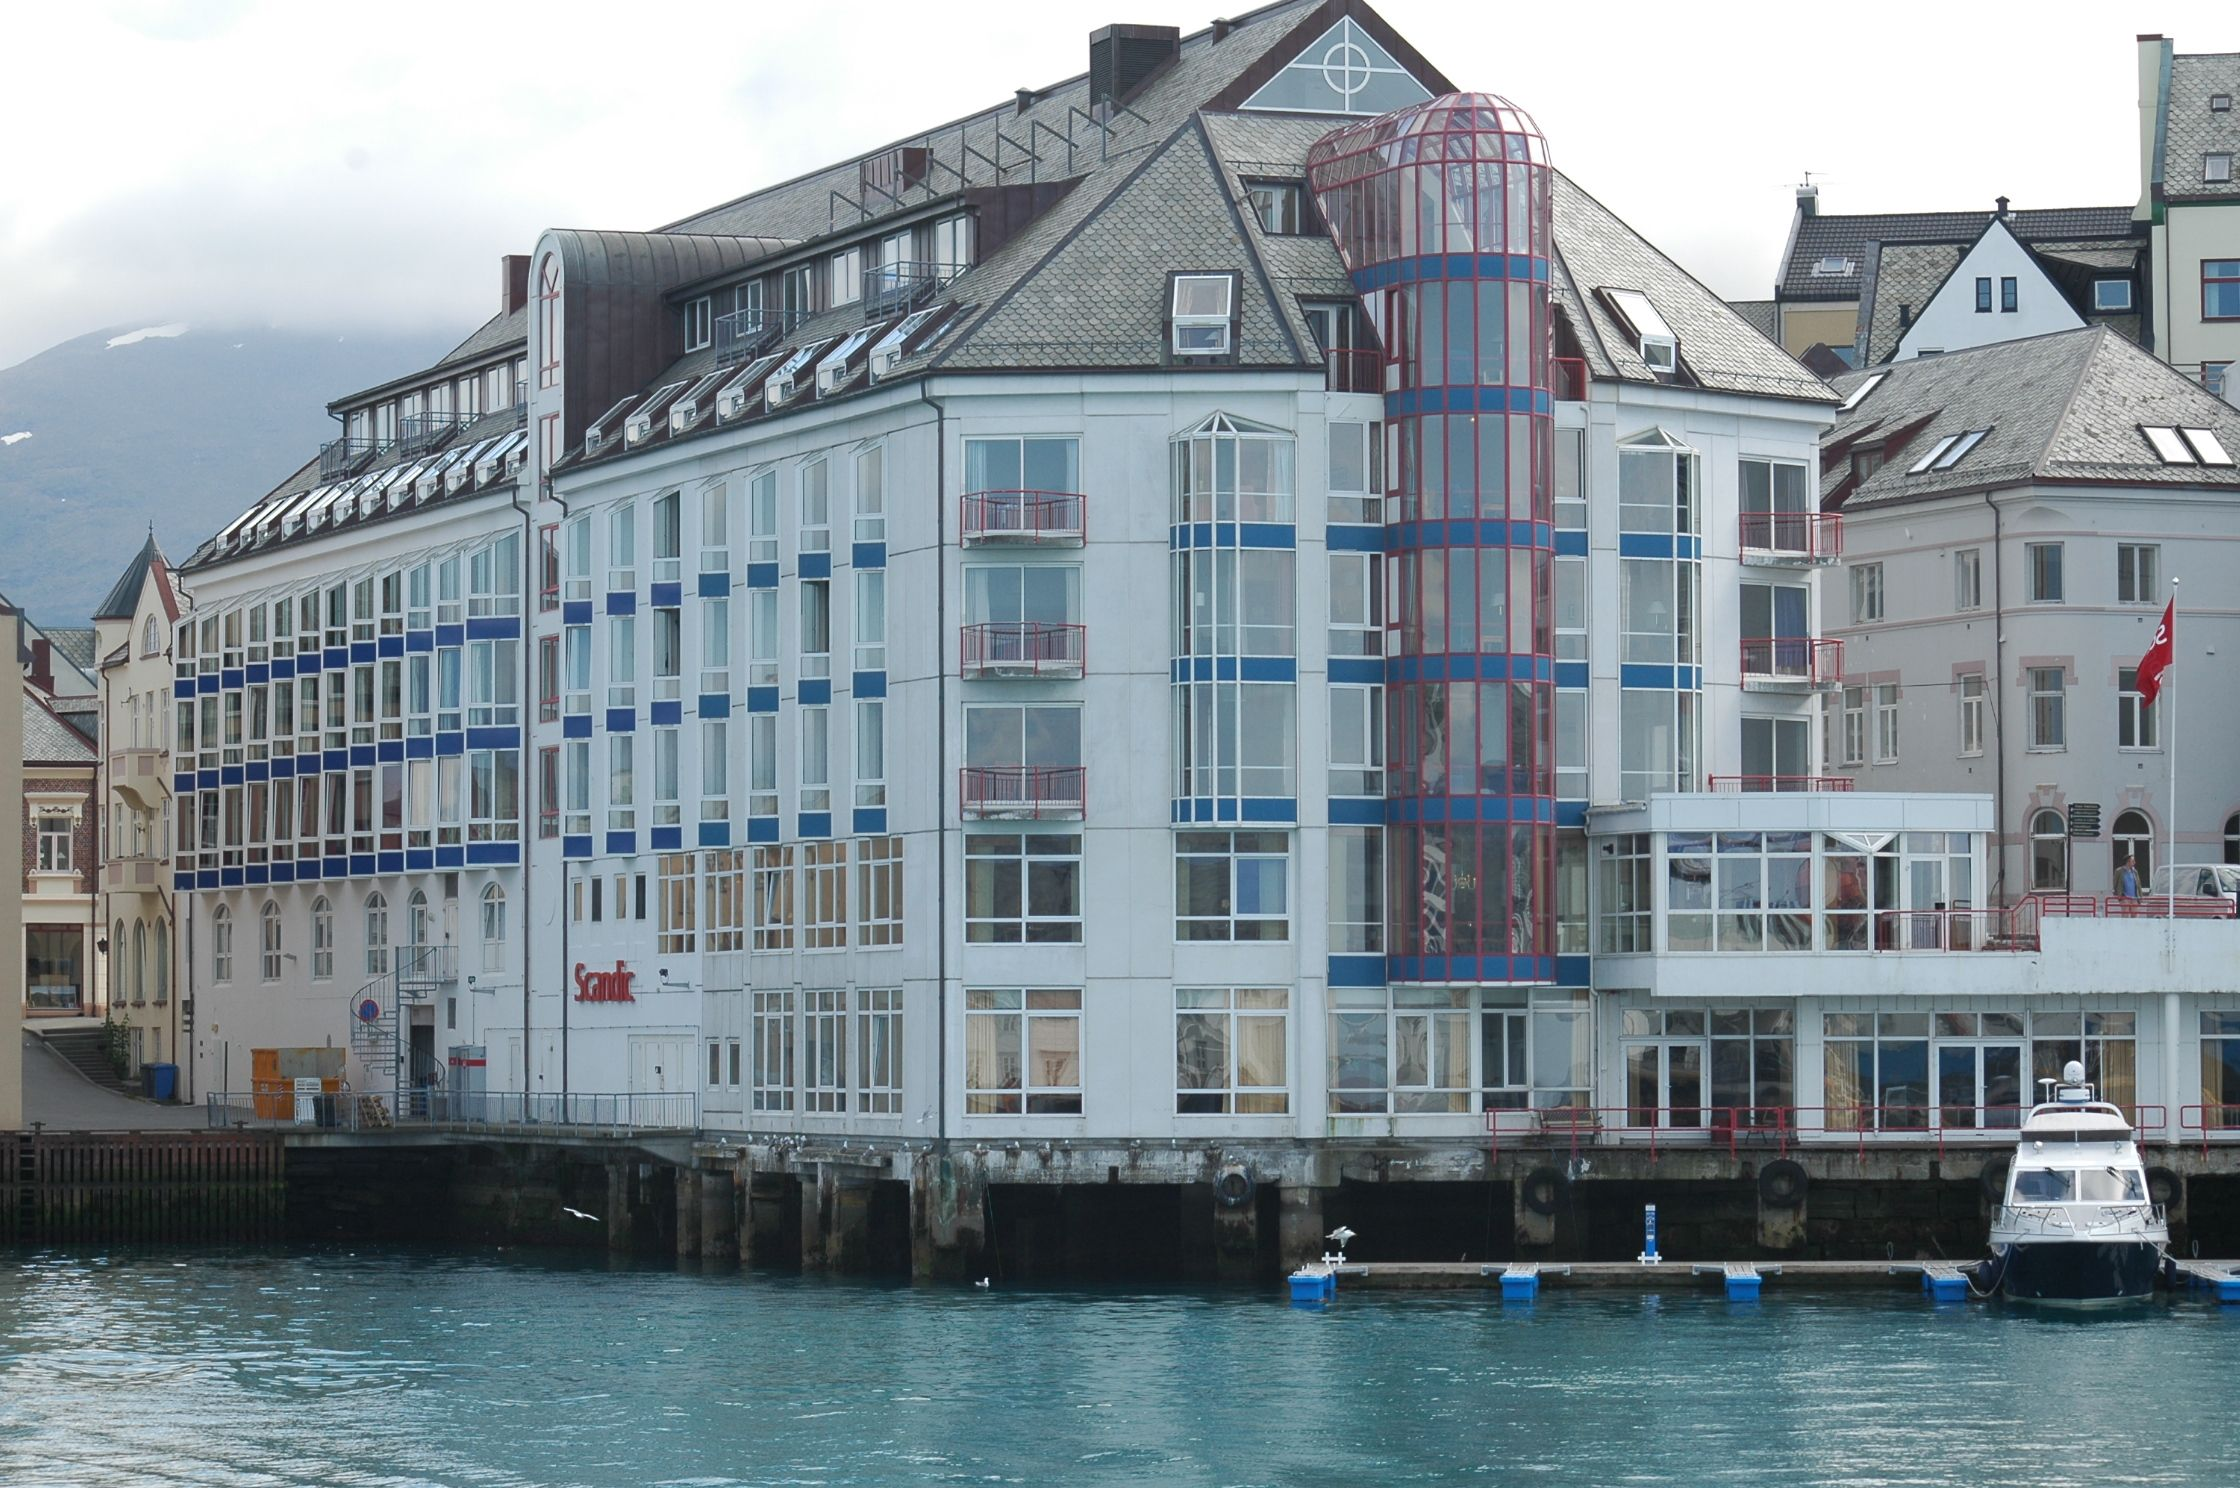 Scandic Hotel In Ålesund